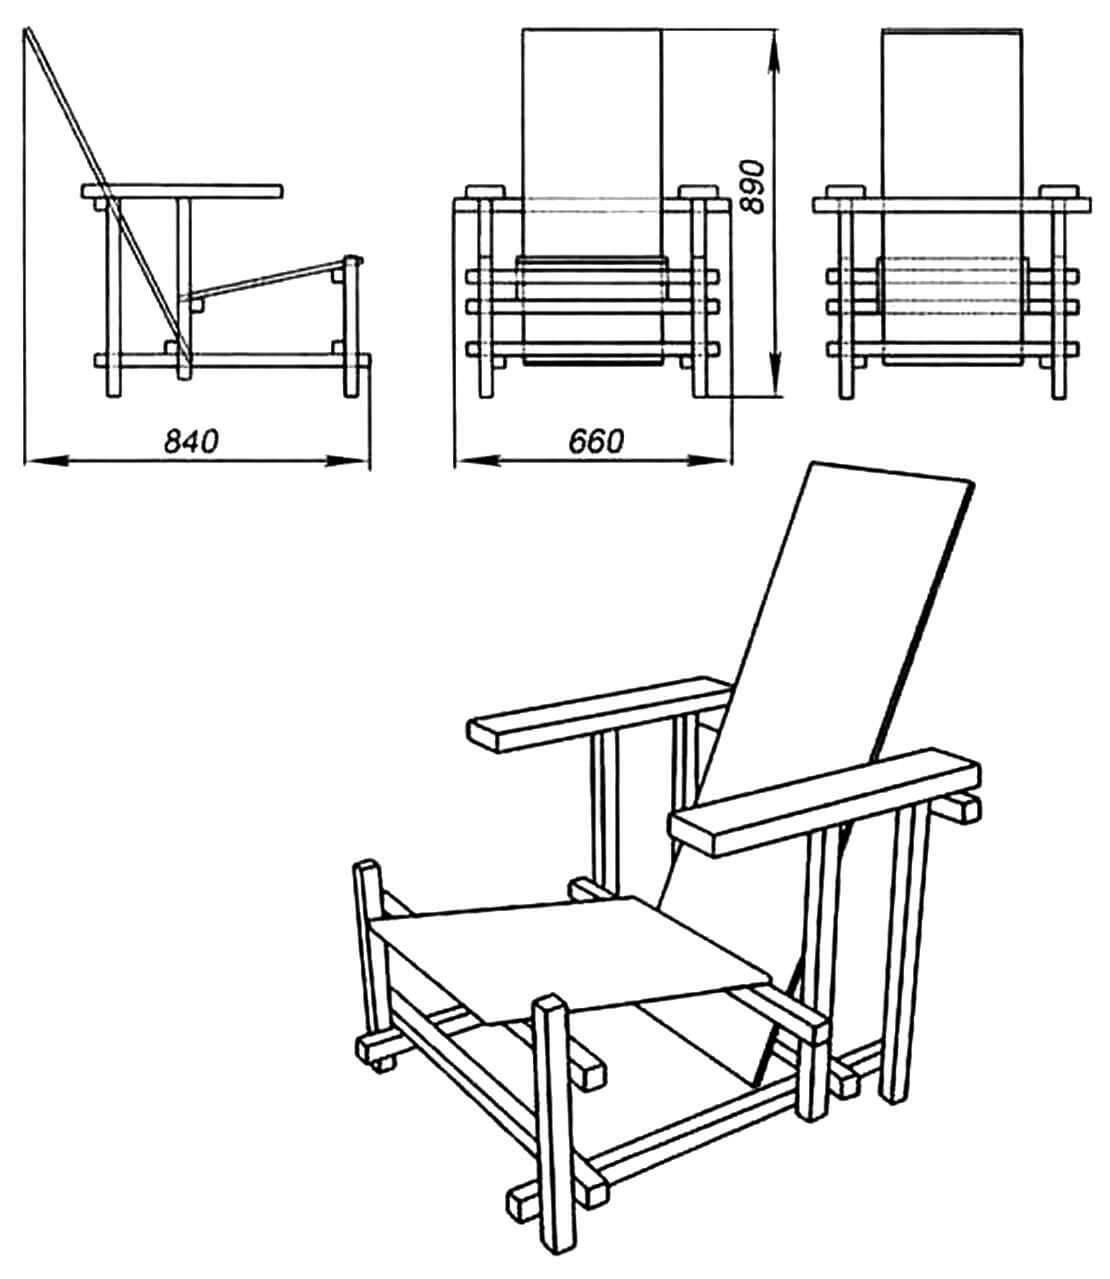 Конструкция, созданная Г. Ритвельдом в 1917 году, состоит из двух досок, опирающихся на пространственный каркас, образованный шестью вертикальными, пятью поперечными и двумя продольными брусками